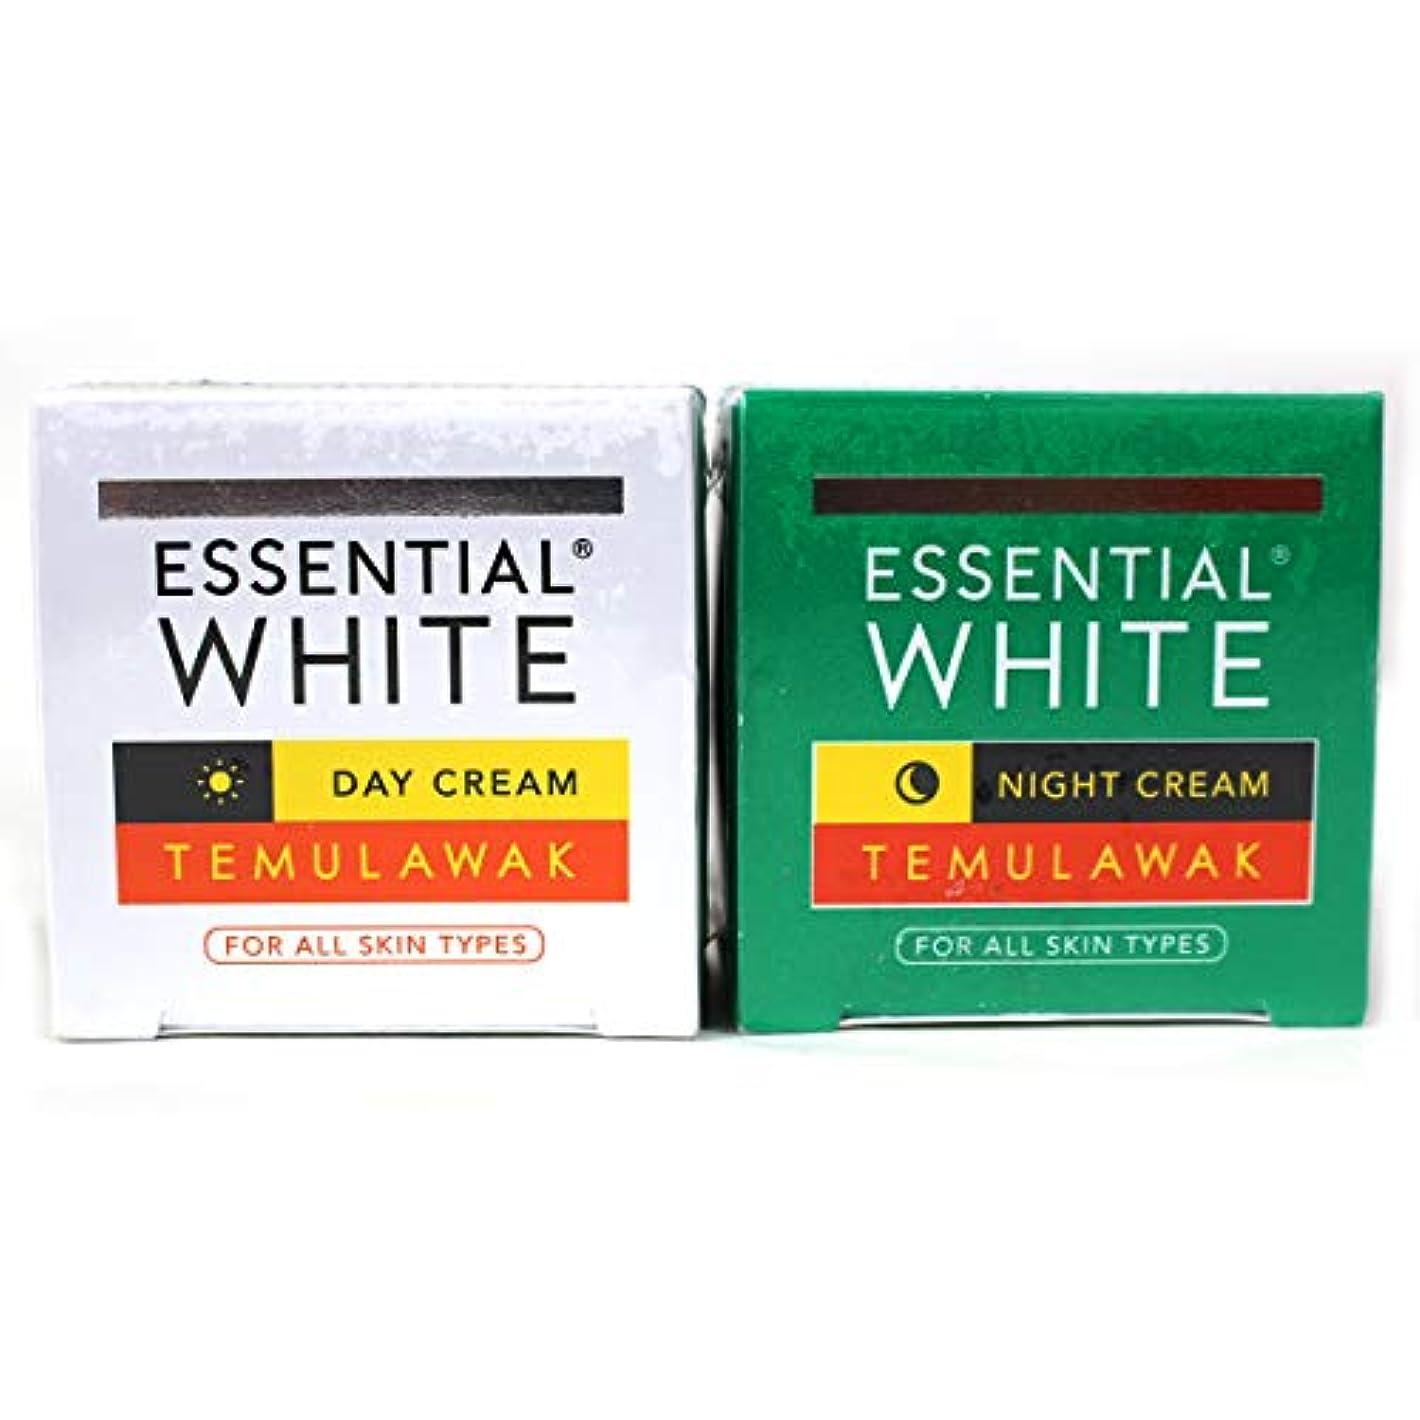 インストールアフリカ消去ギジ gizi Essential White フェイスクリーム ボトルタイプ 日中用&ナイト用セット 9g ×2個 テムラワク ウコン など天然成分配合 [海外直送品]